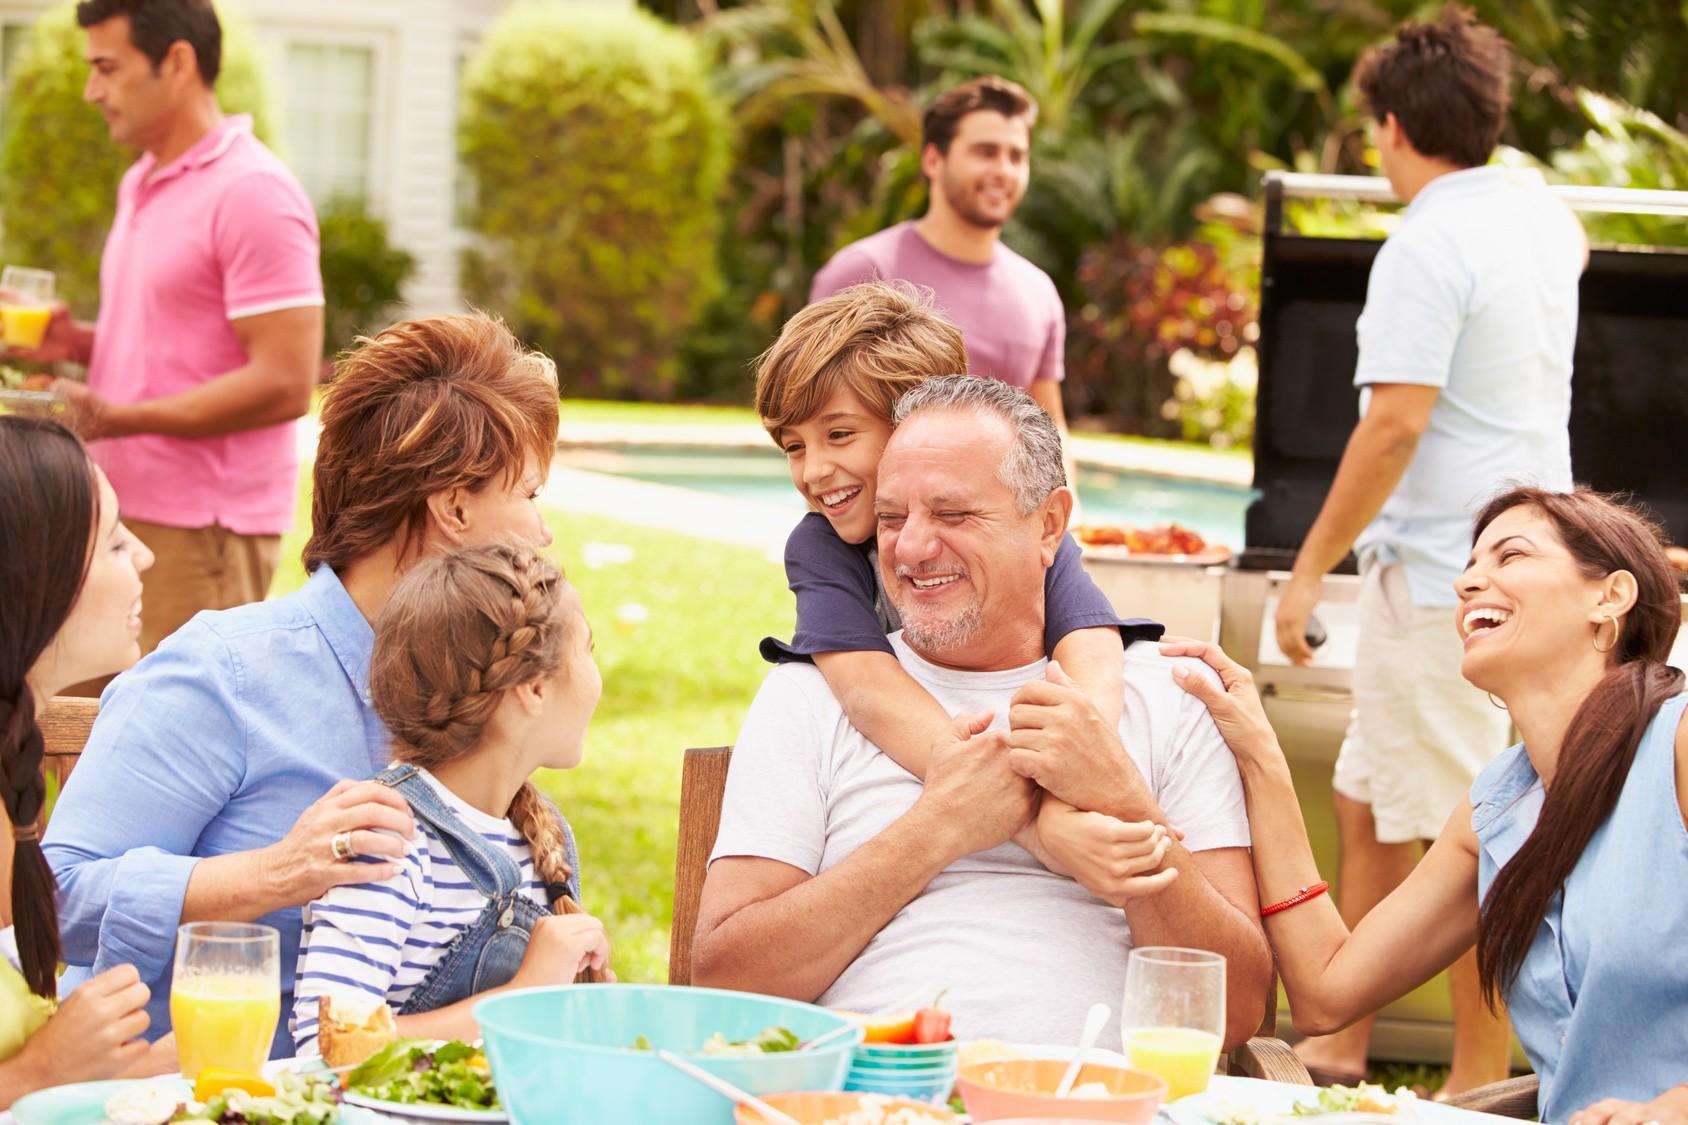 Jolly | ¿Por qué se celebra el Día de la Familia?